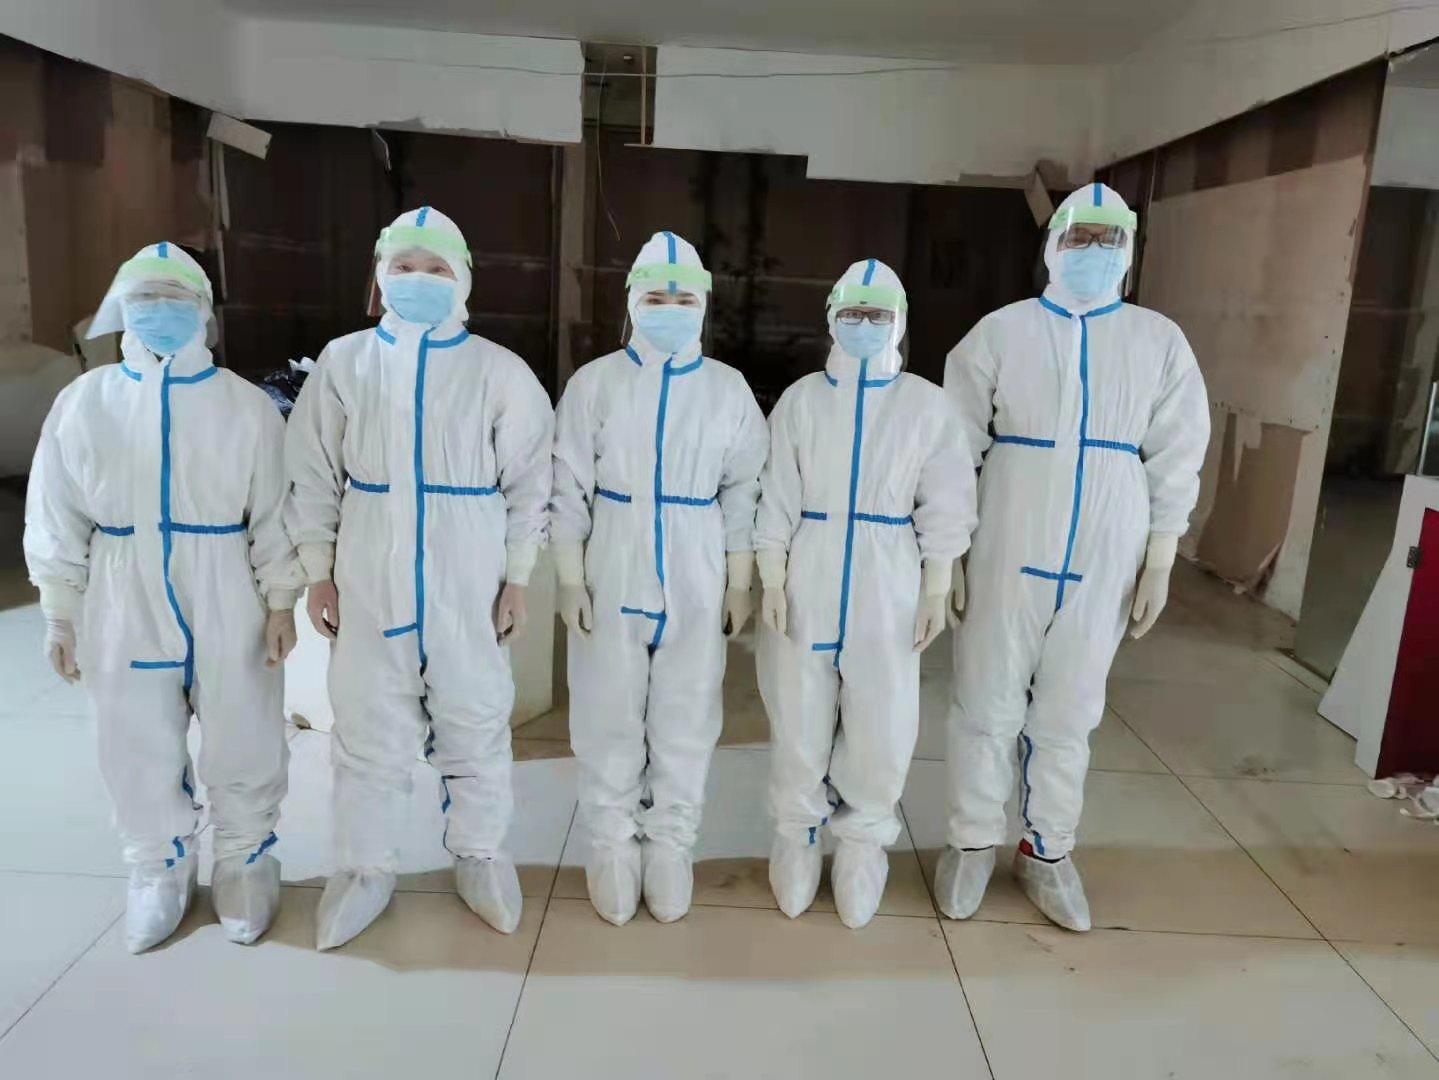 致敬!乾安县护士支援前郭县全员核酸检测